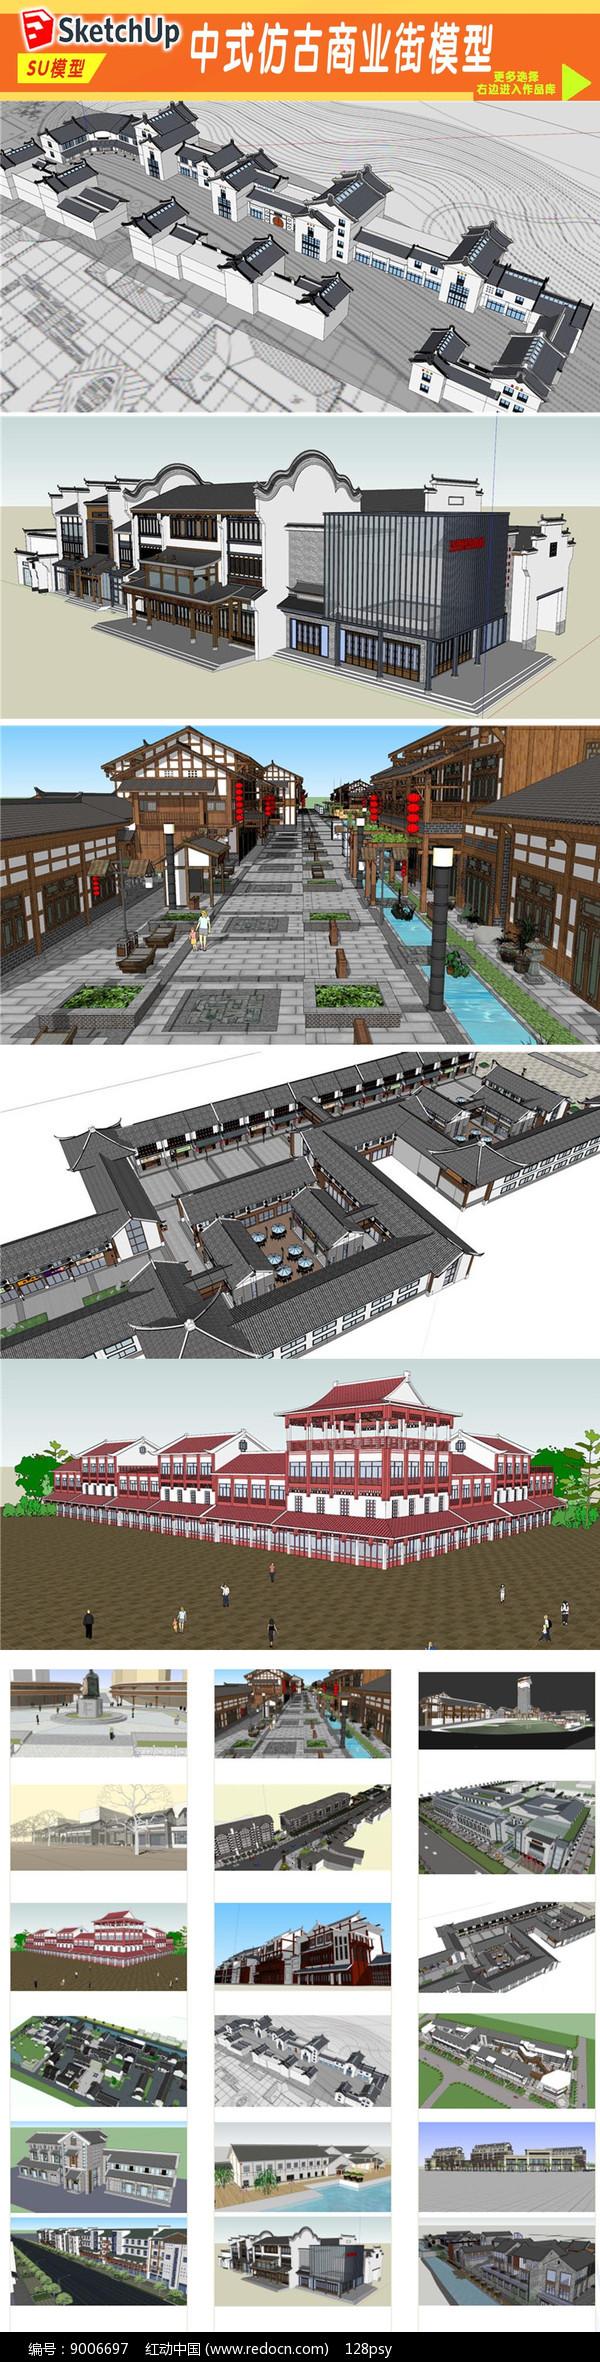 中式仿古商业街模型设计图片